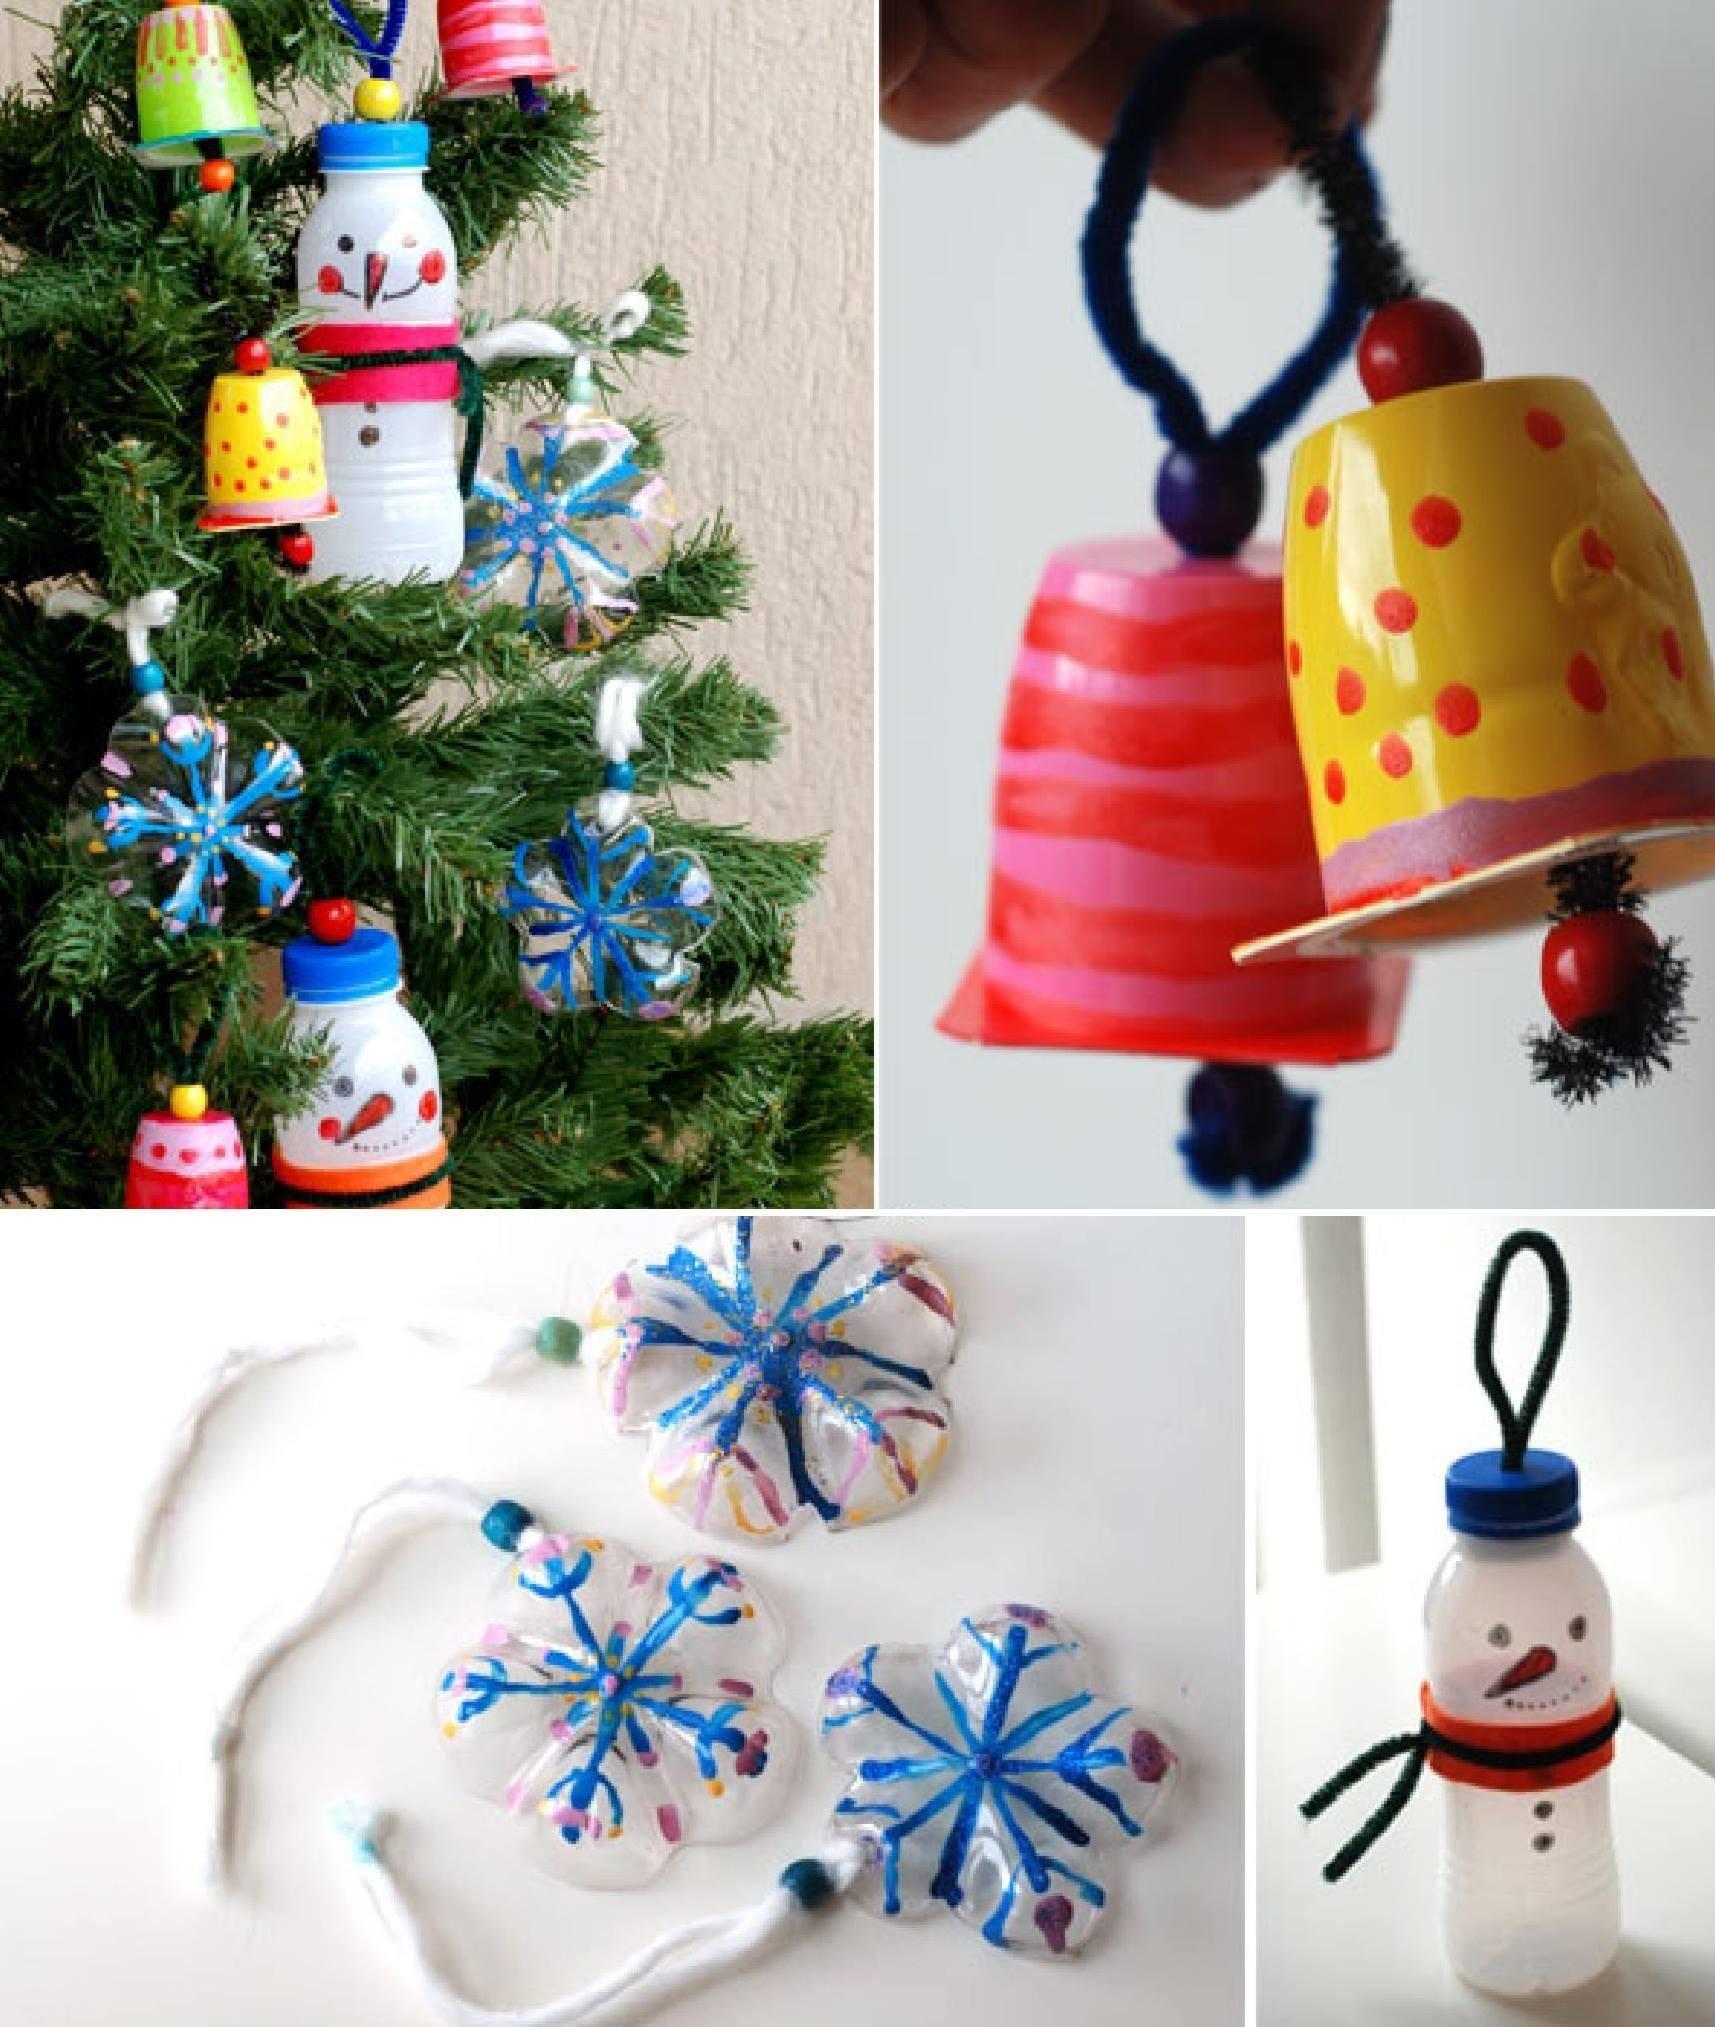 Decorazioni natalizie fai da te spettegolando - Creare decorazioni natalizie ...